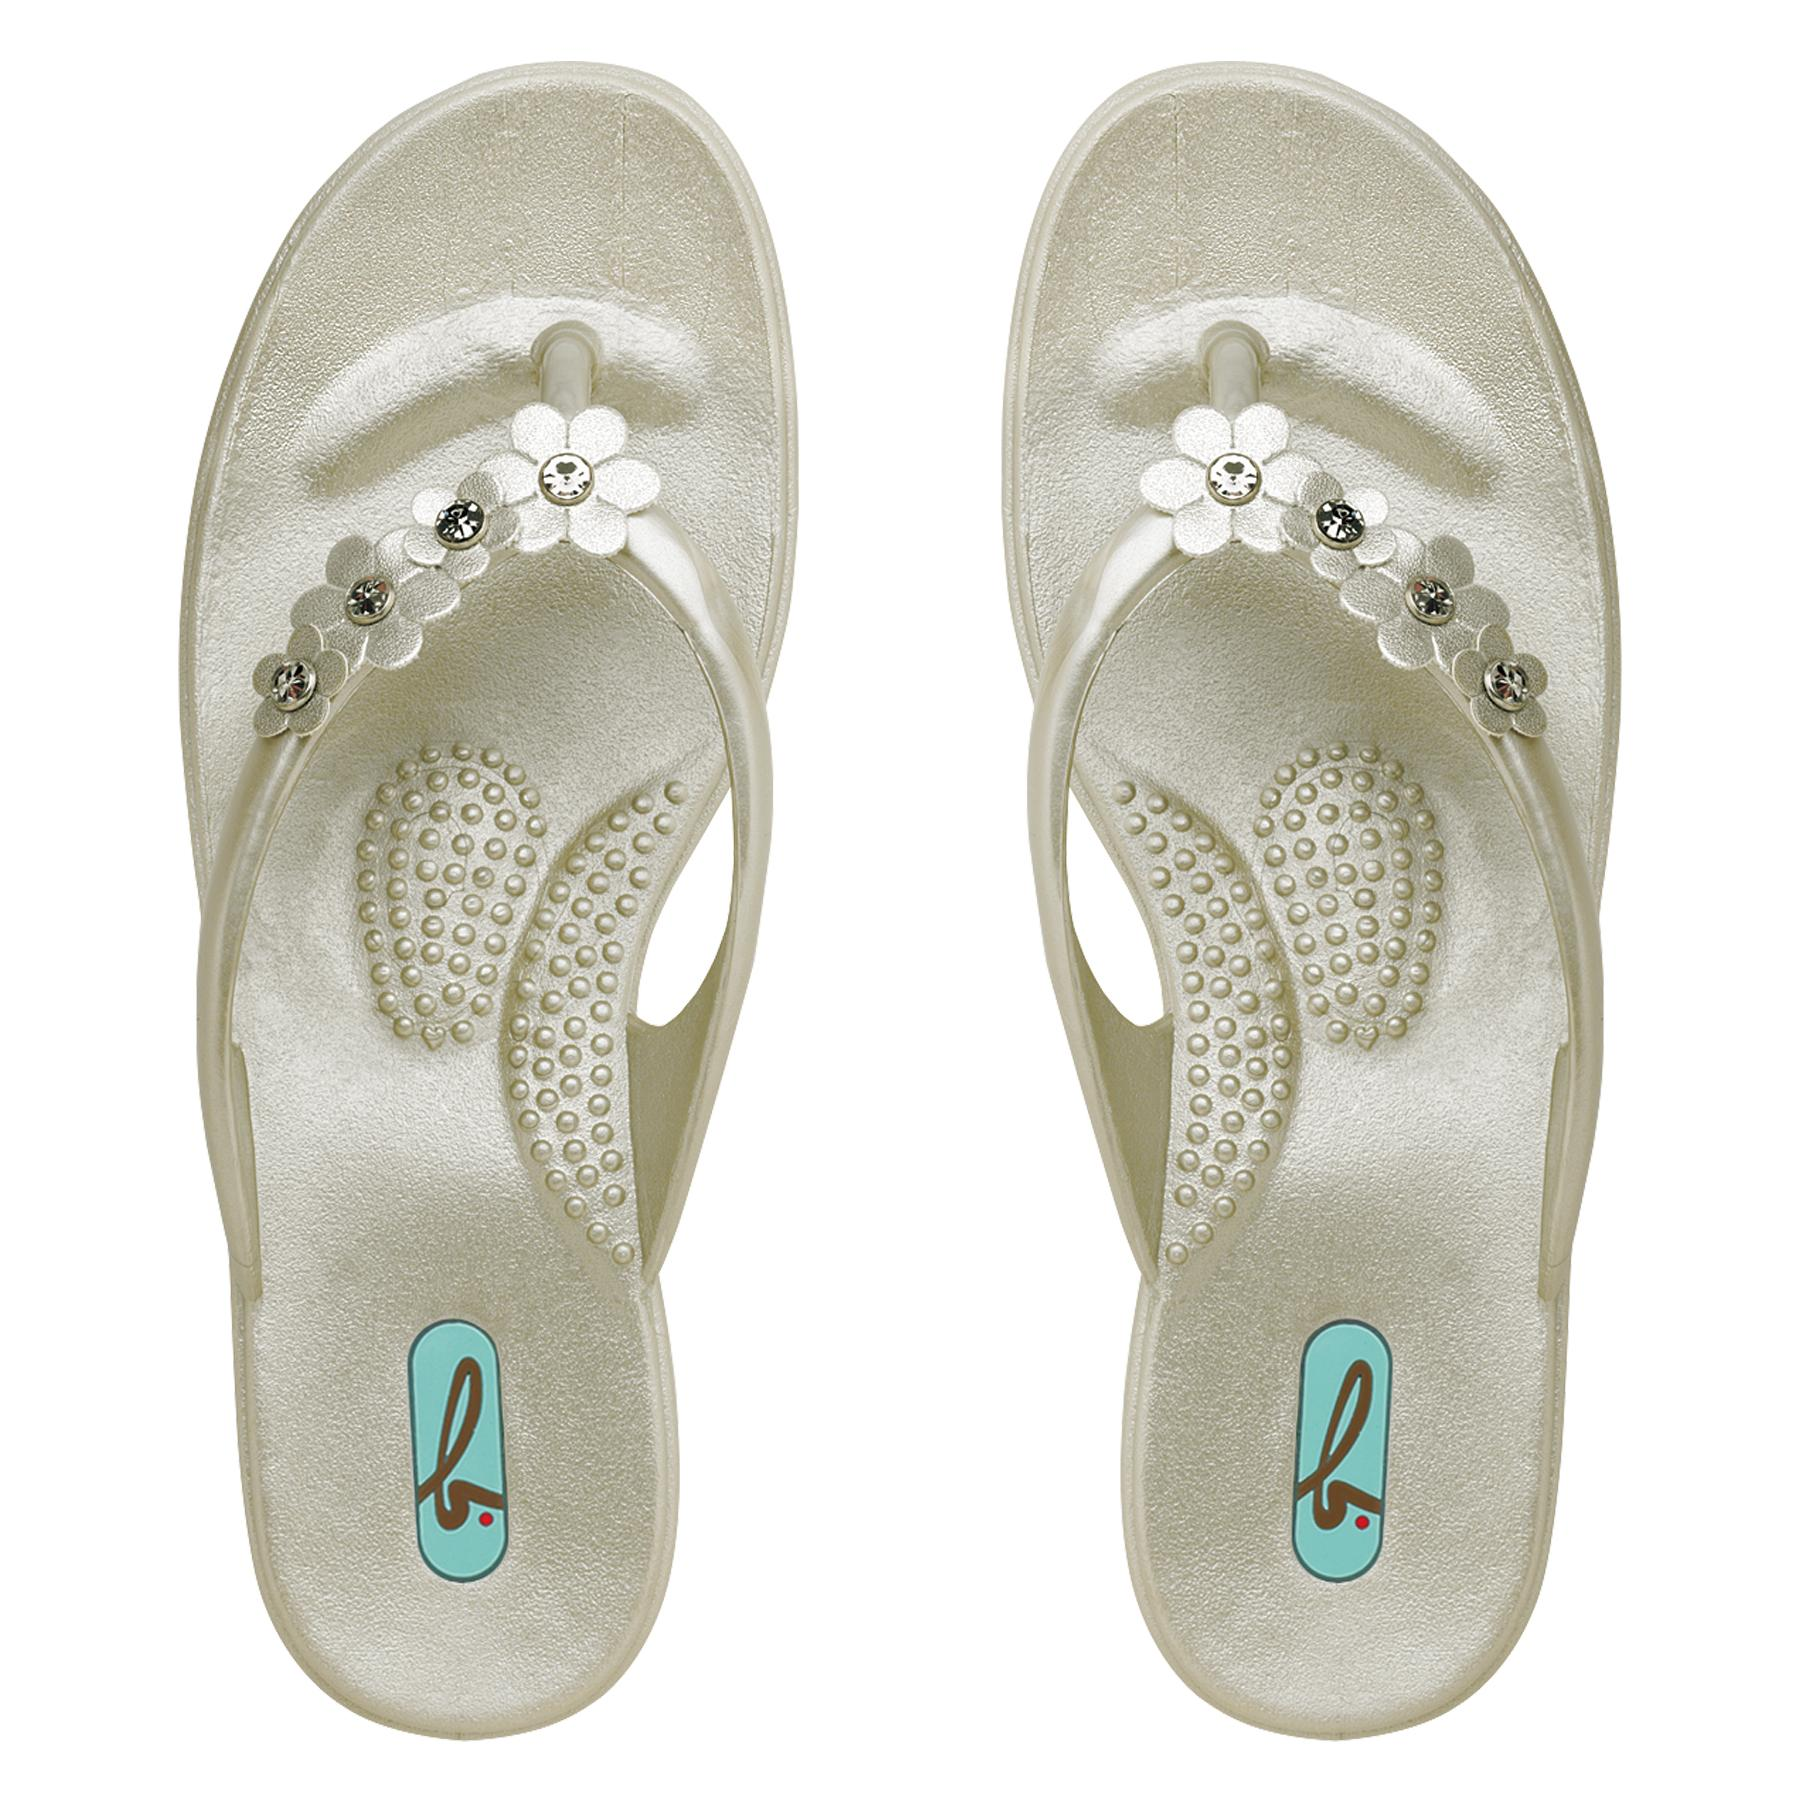 Oka B Sandals http://www.charmingchick.com/oka-b-malia-pearl-flip-flop